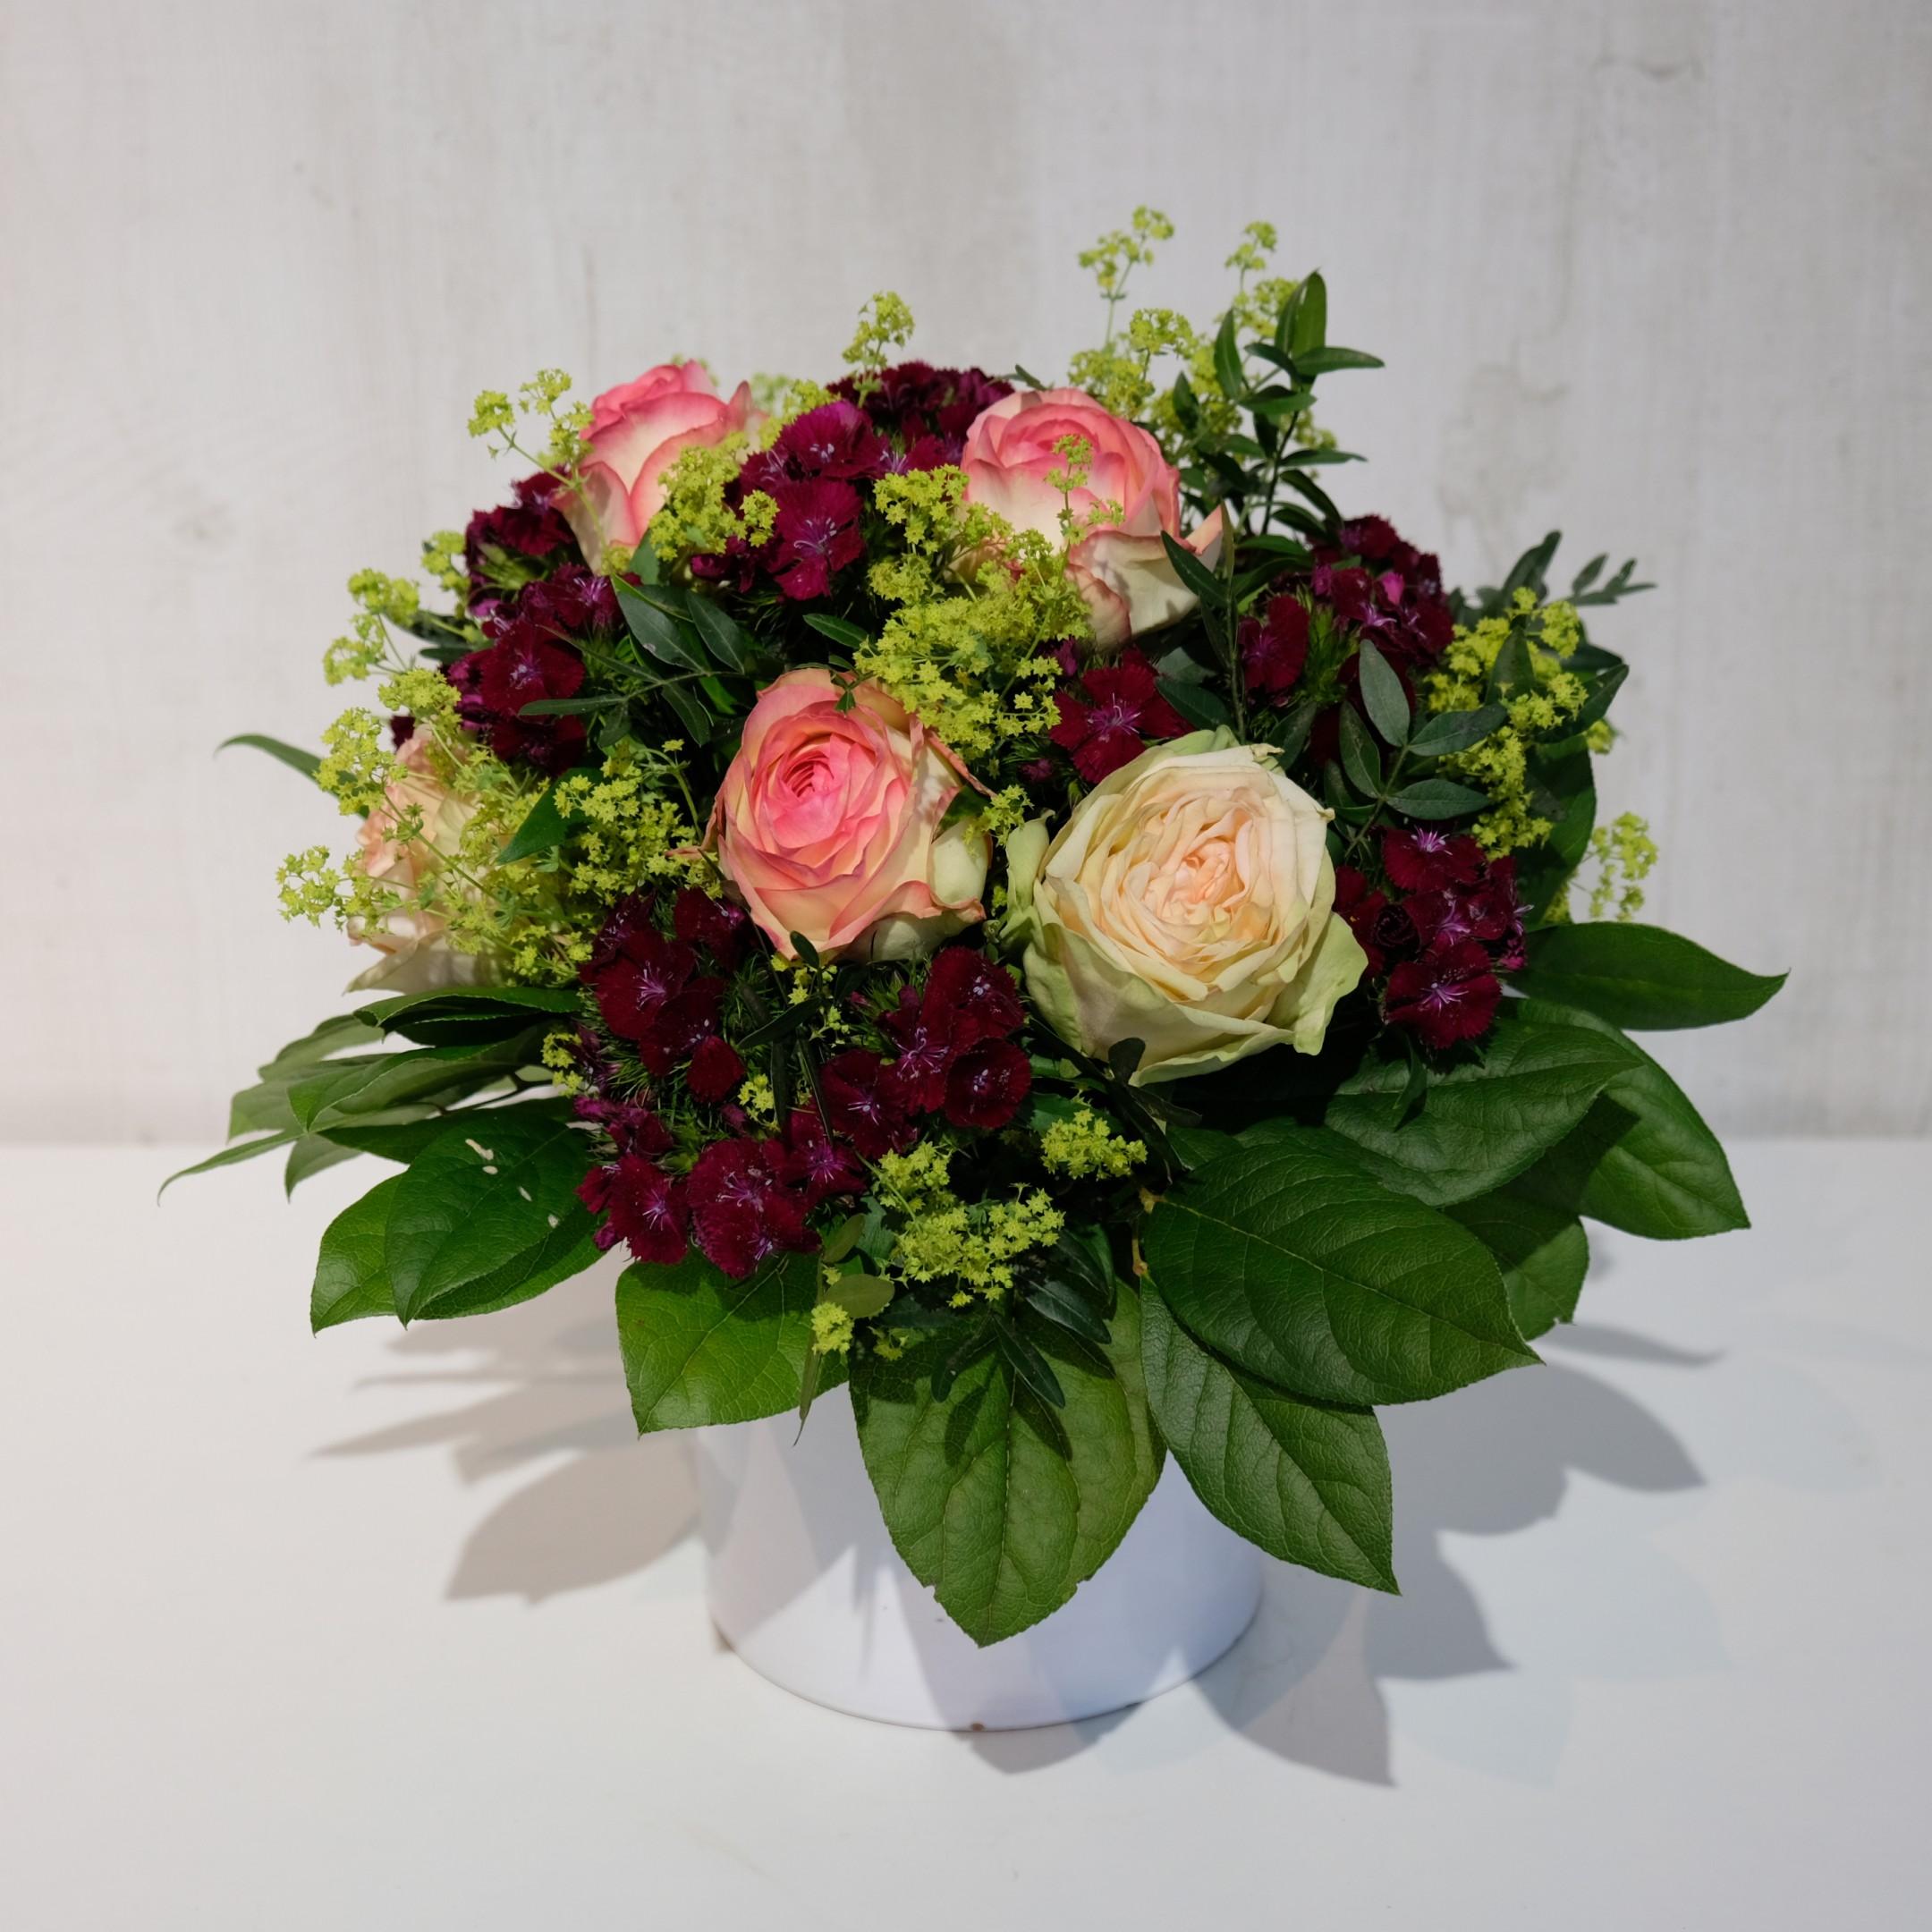 Blumenstrauß Bild 1